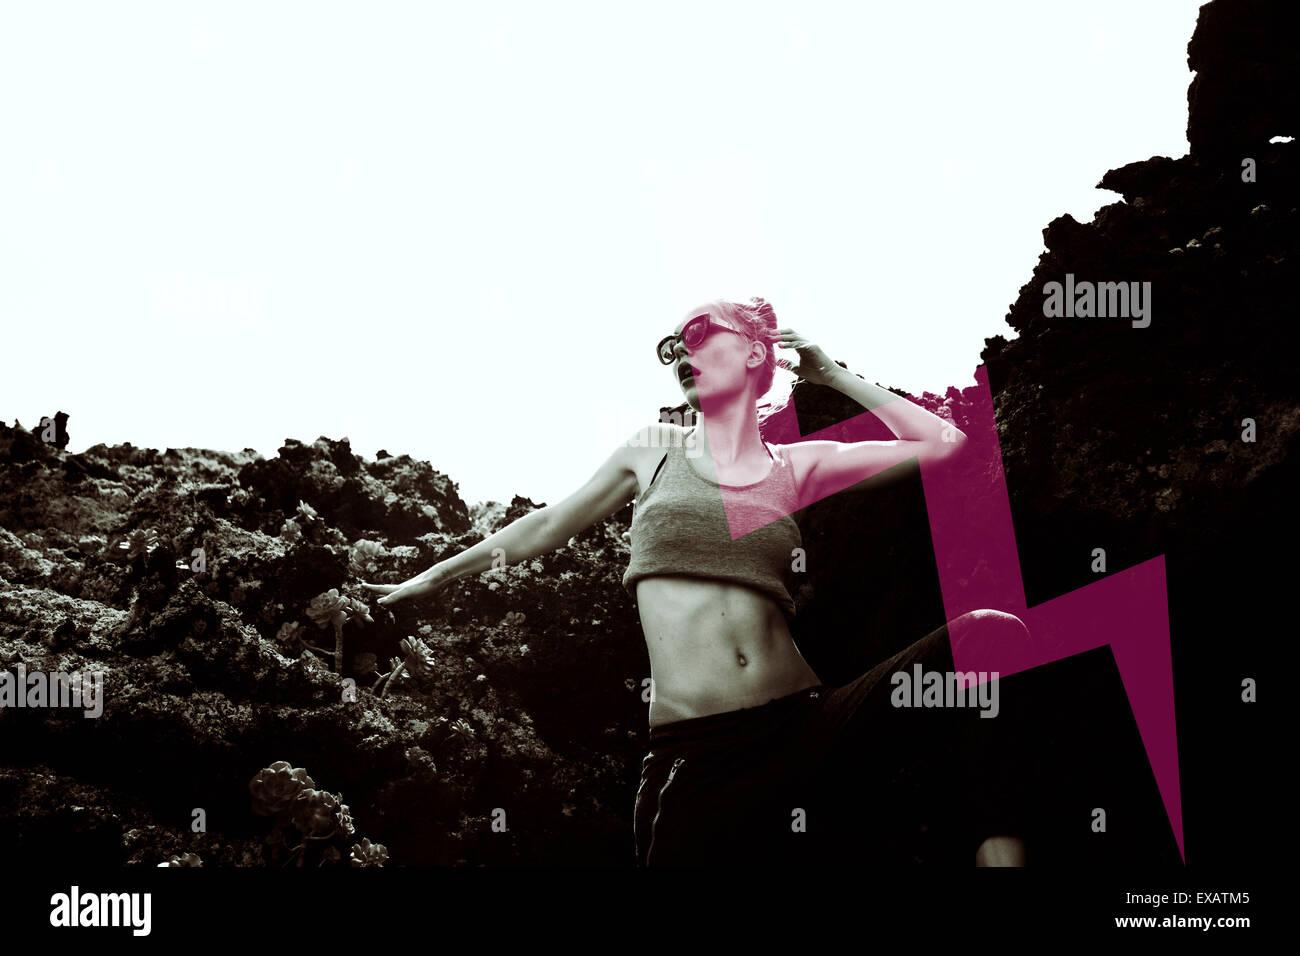 Mujer joven, Moda pose en el volcán rock Imagen De Stock